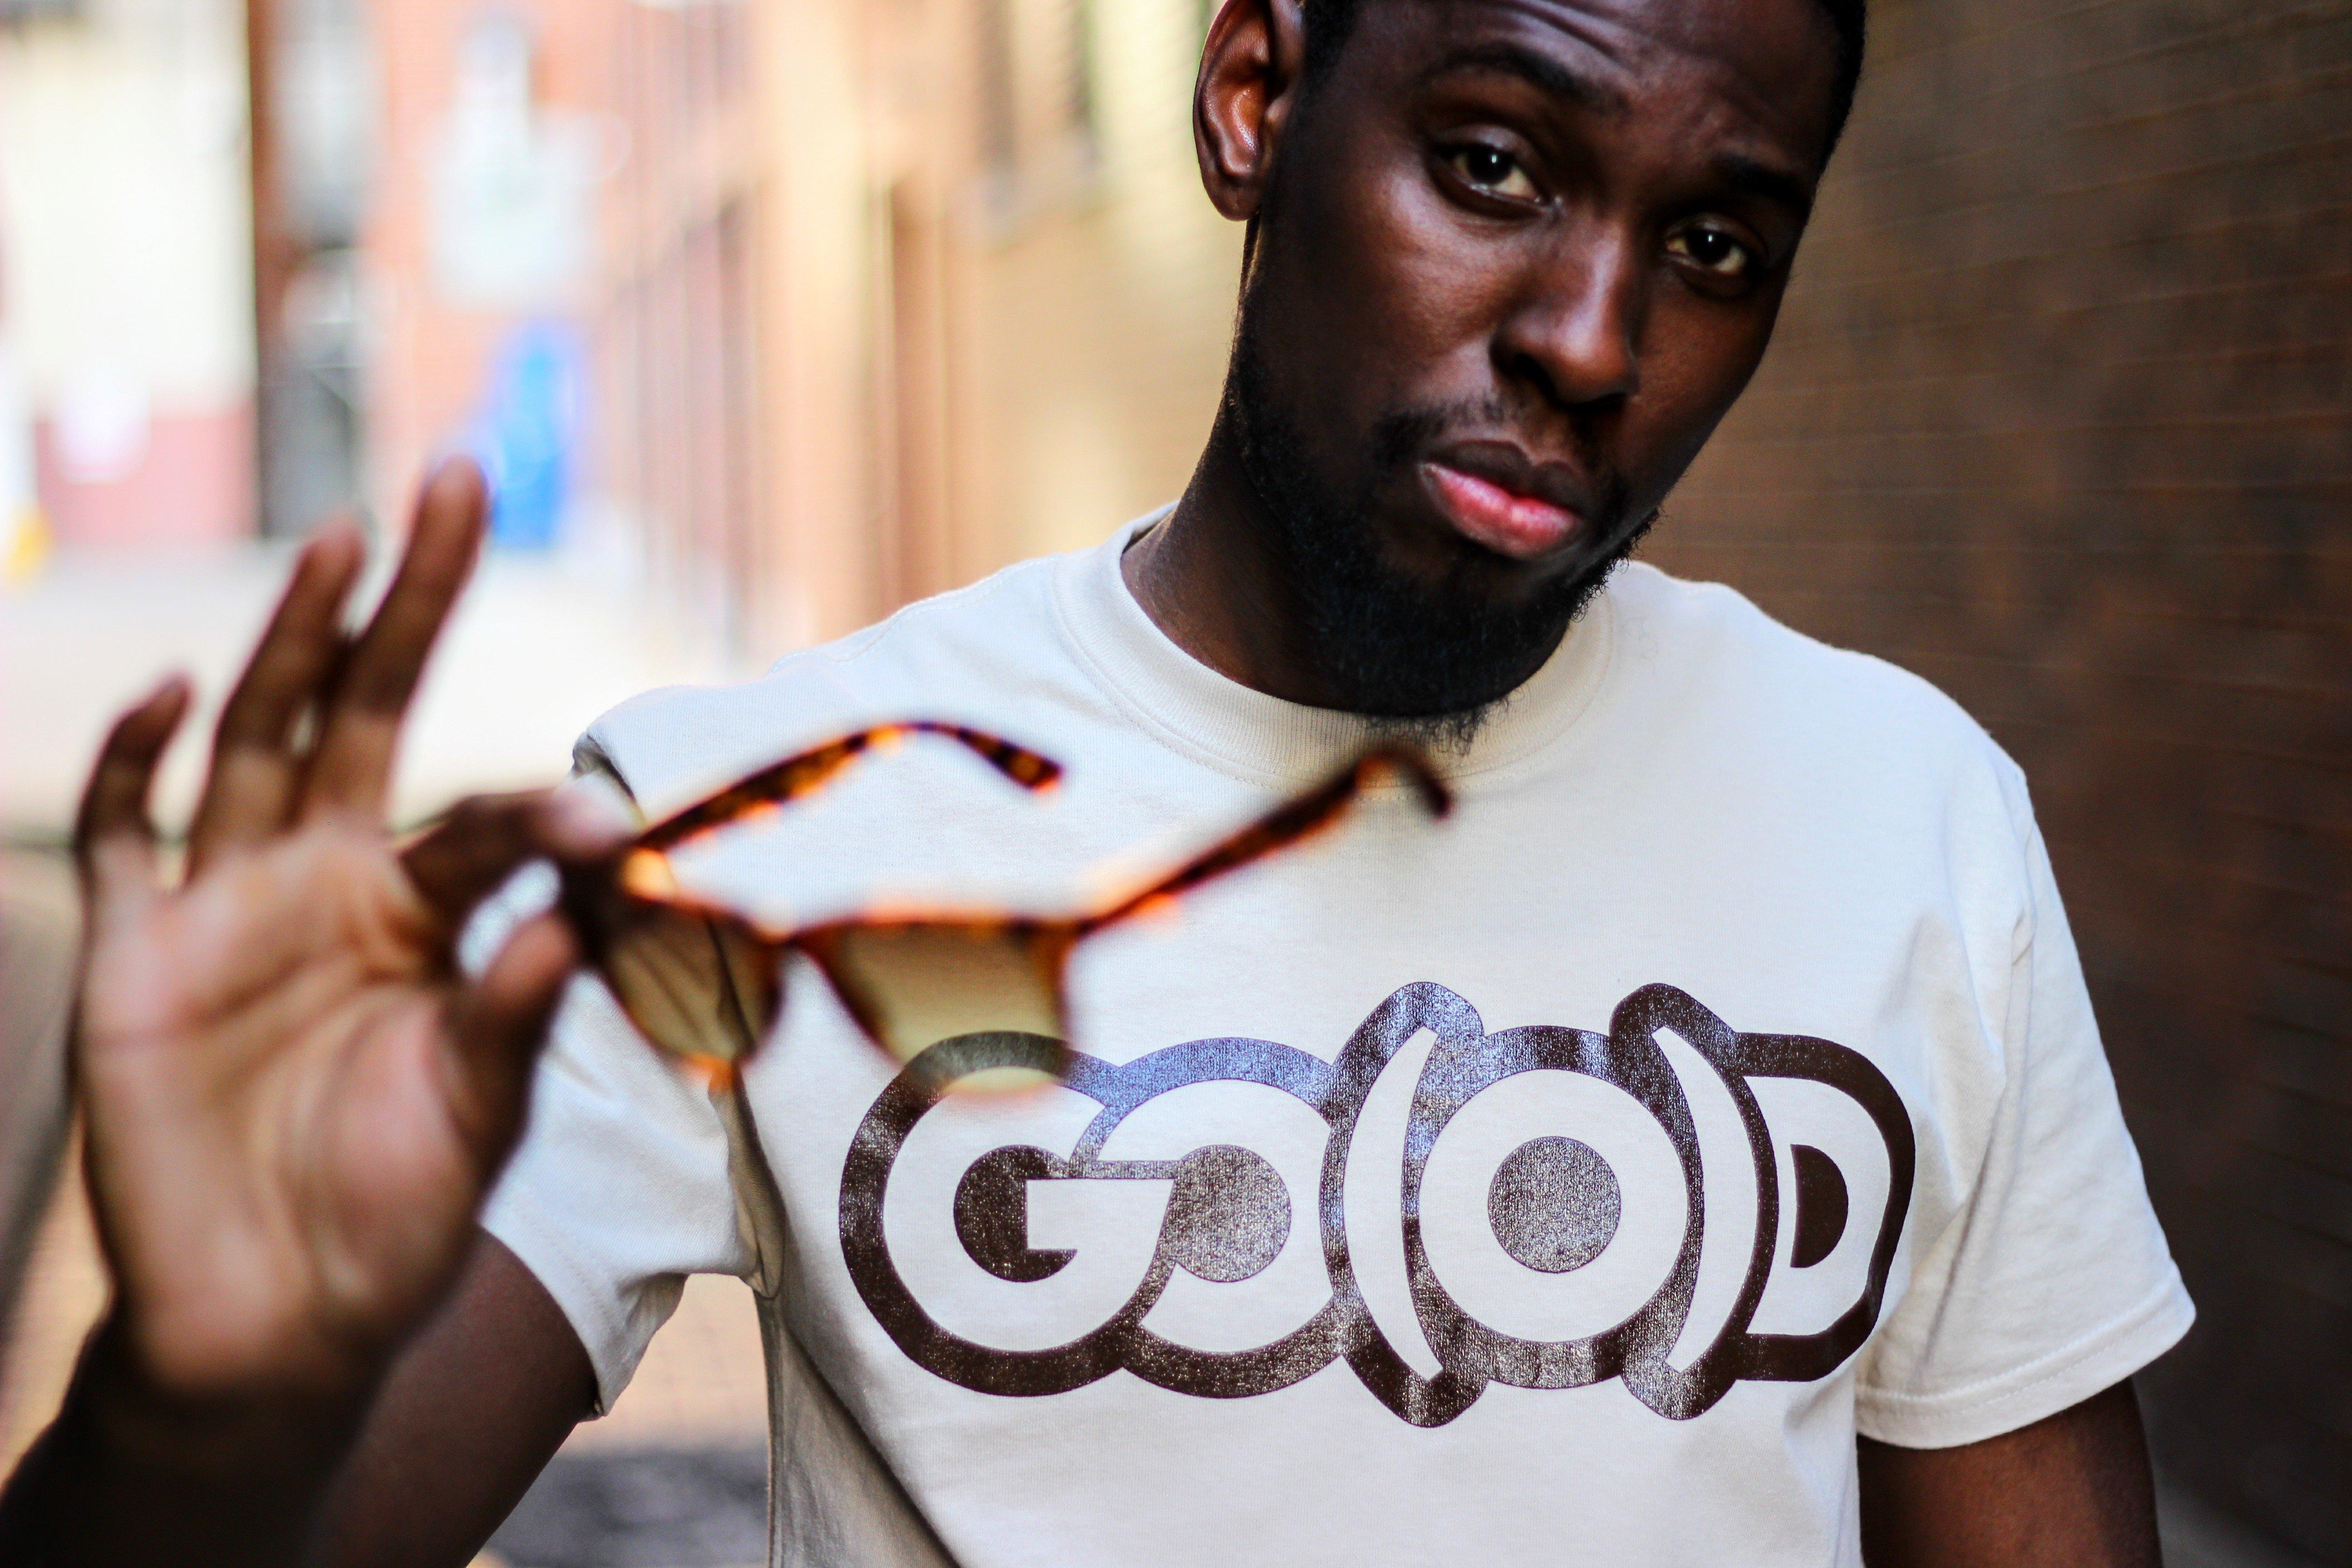 GO(O)D tan/chocolate